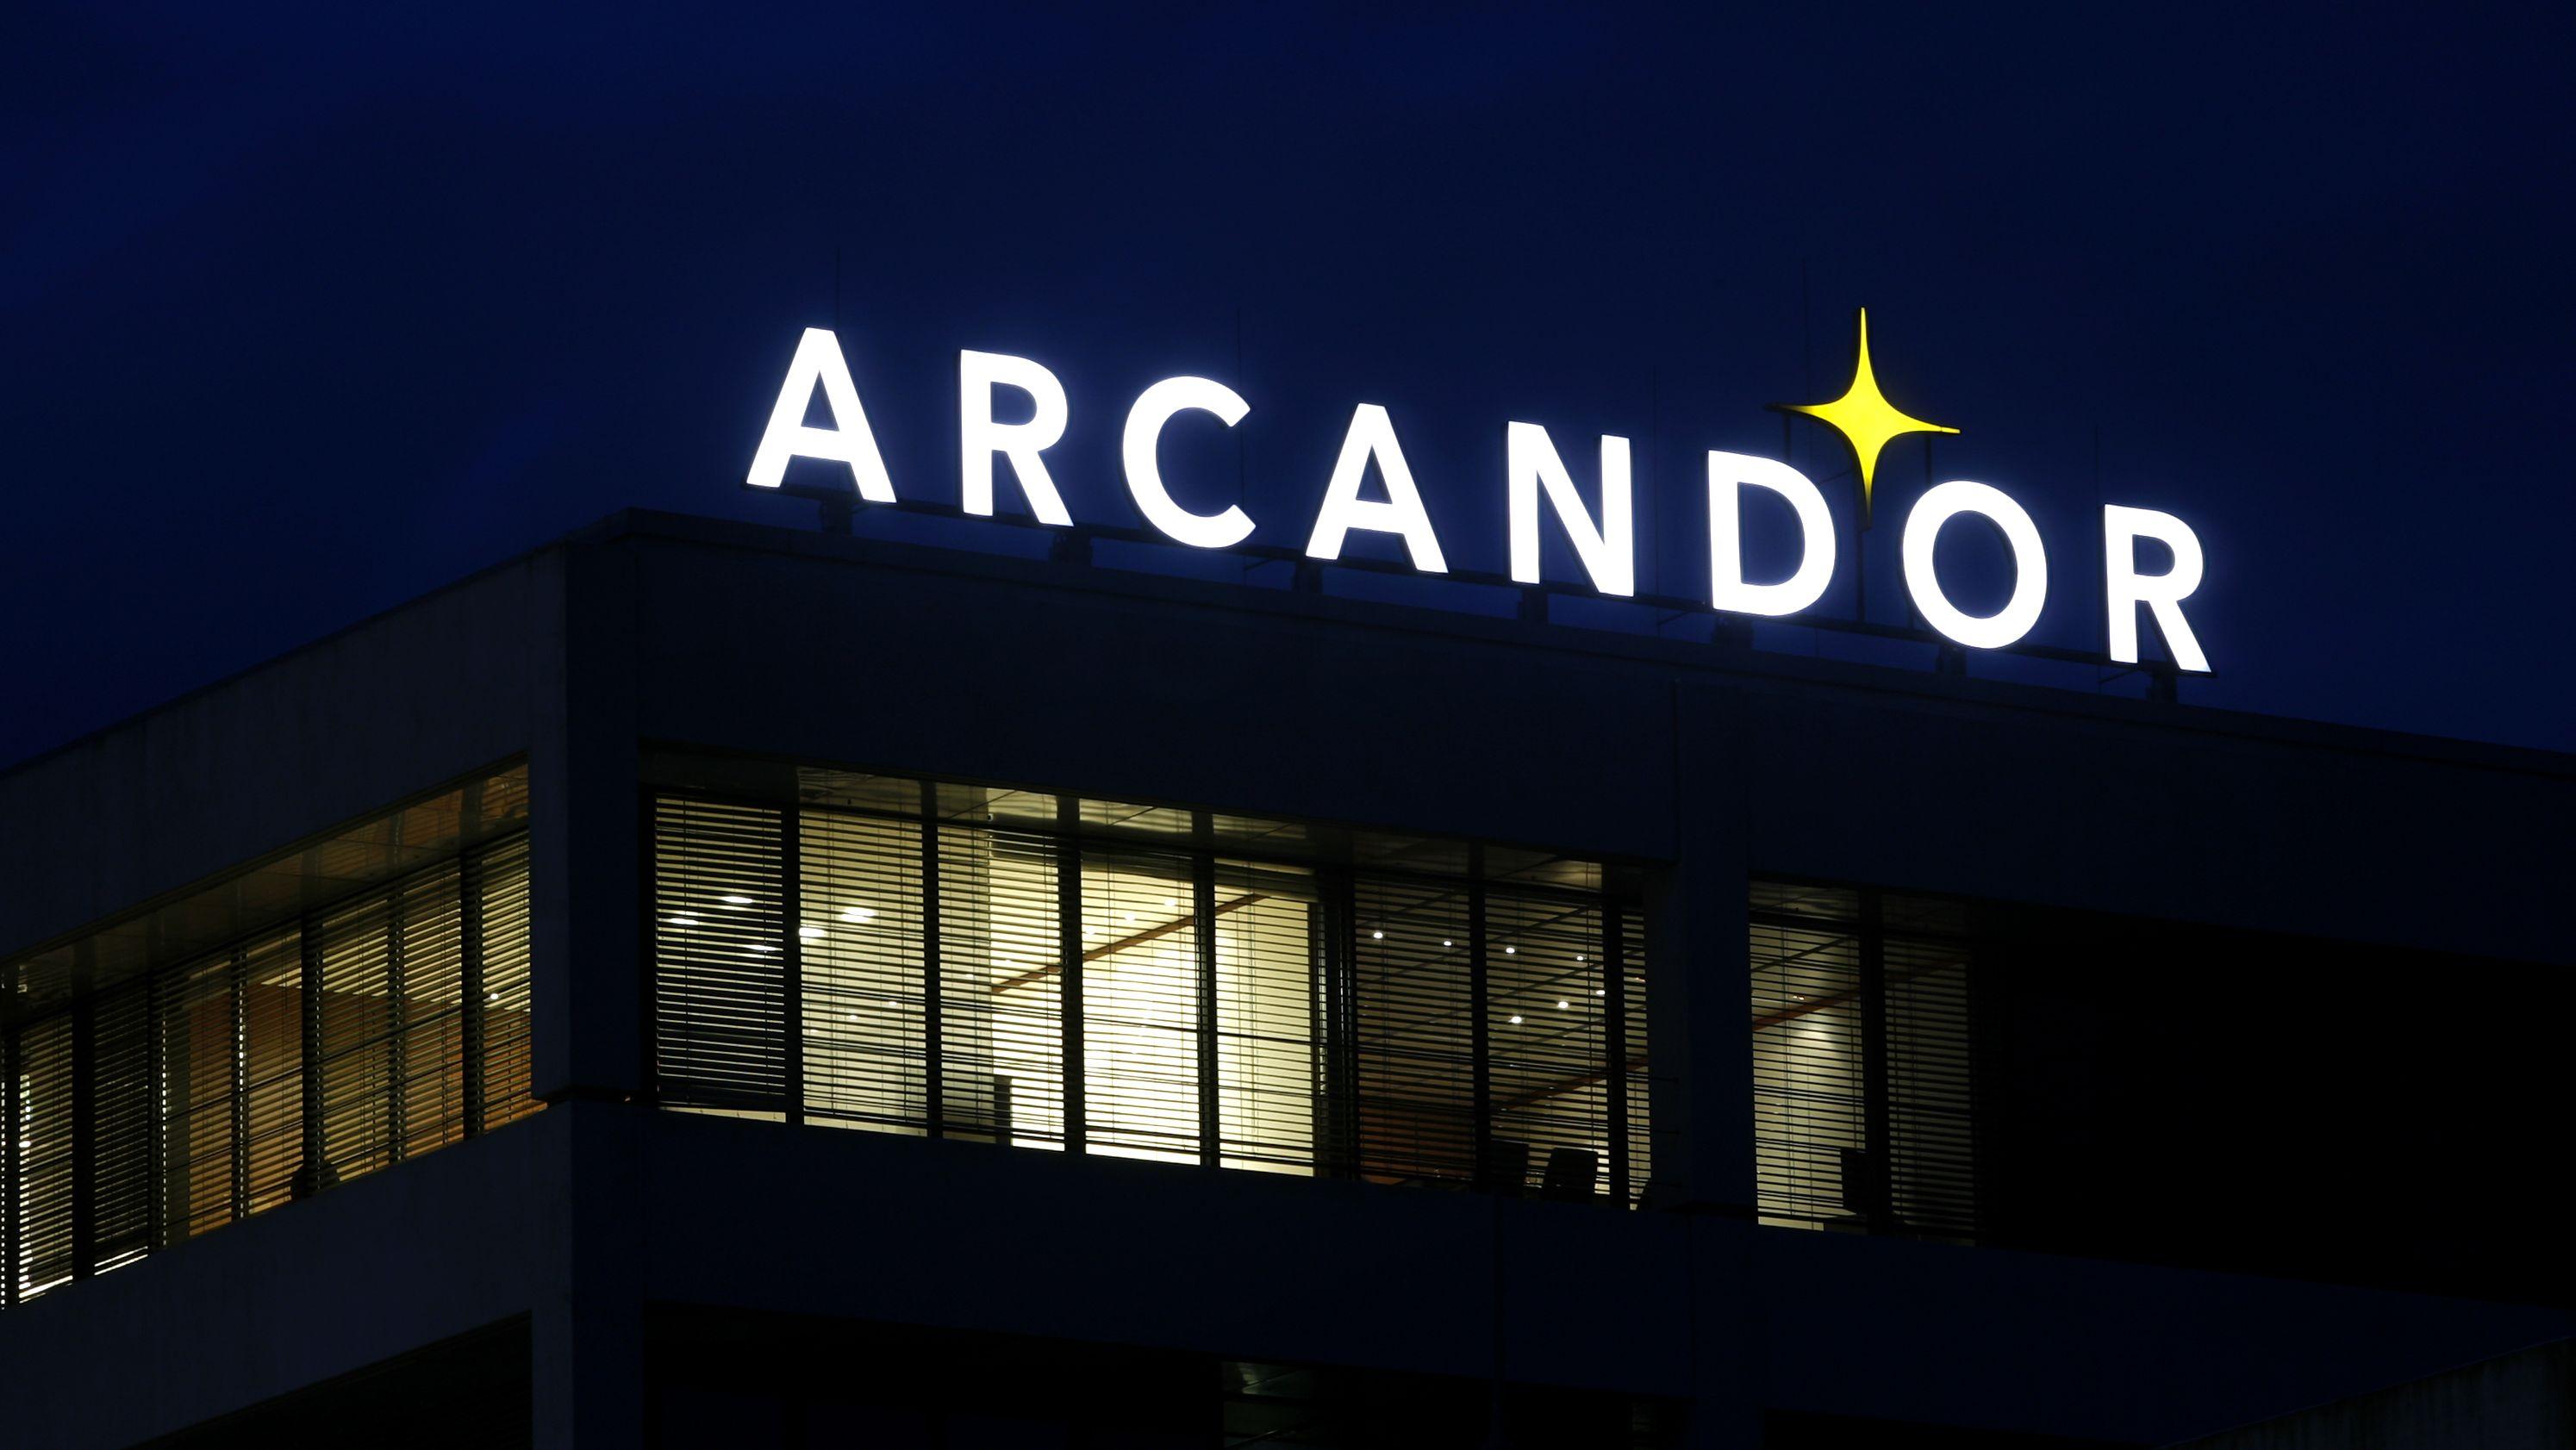 Arcandor-Zentrale in Essen (Archivbild)